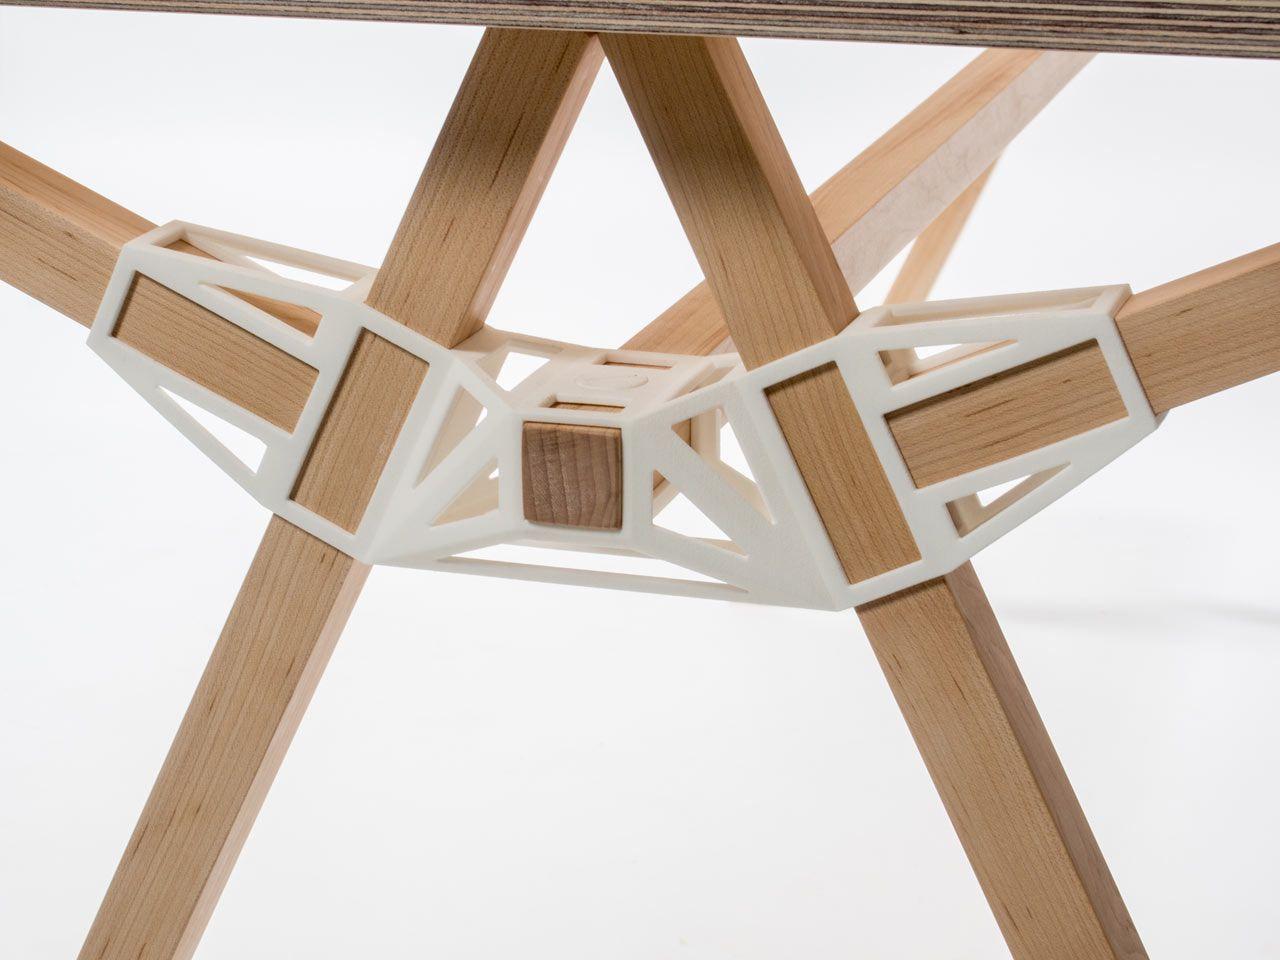 3d printed furniture 3d printing diy